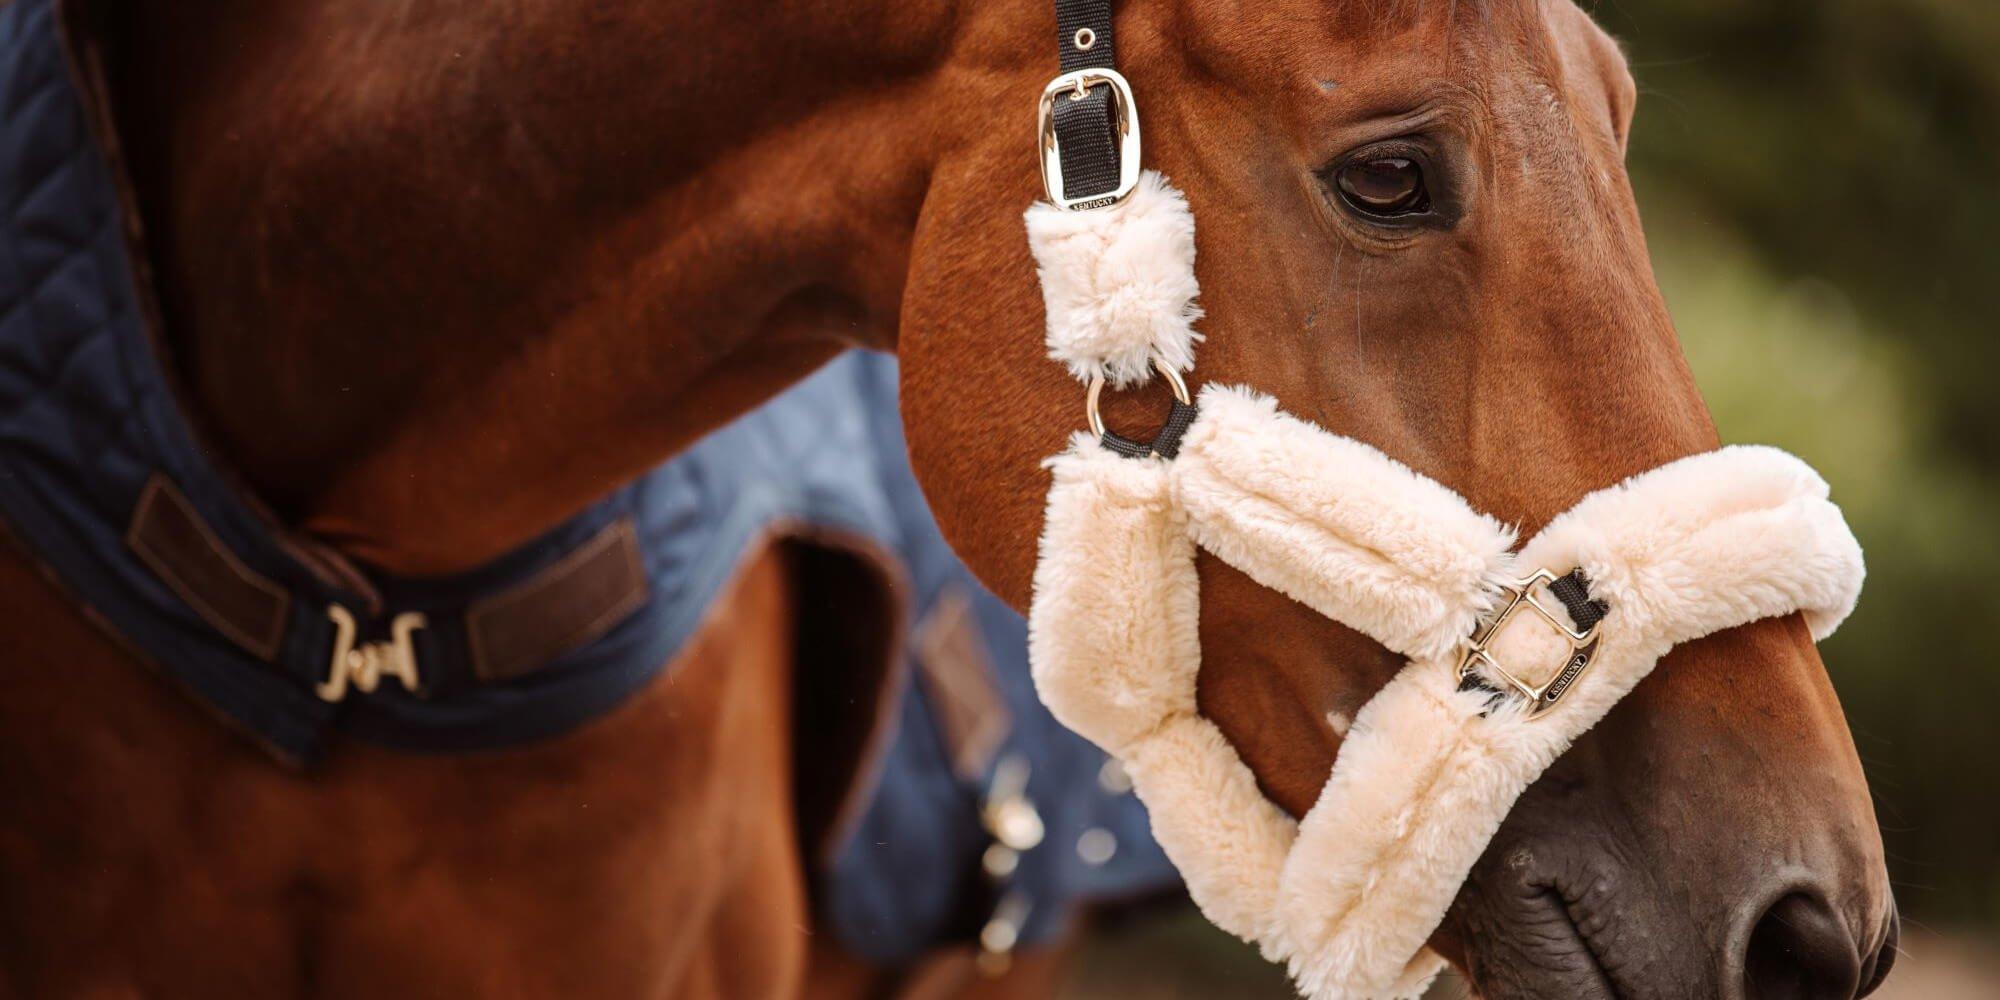 Kehlkopfpfeifen beim Pferd